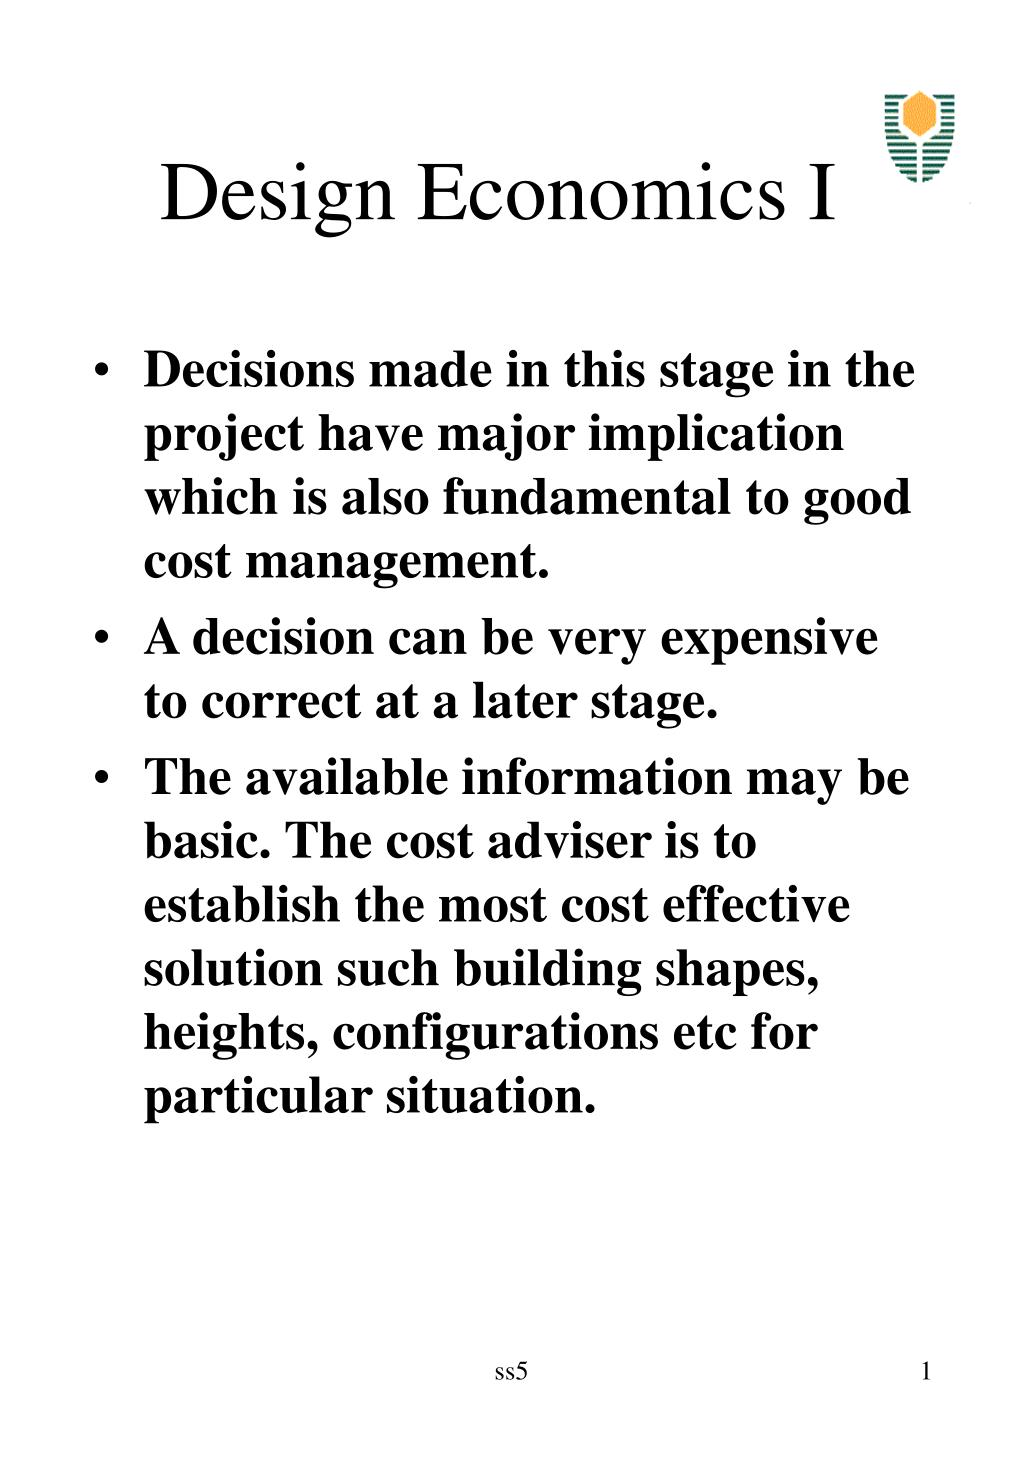 design economics i